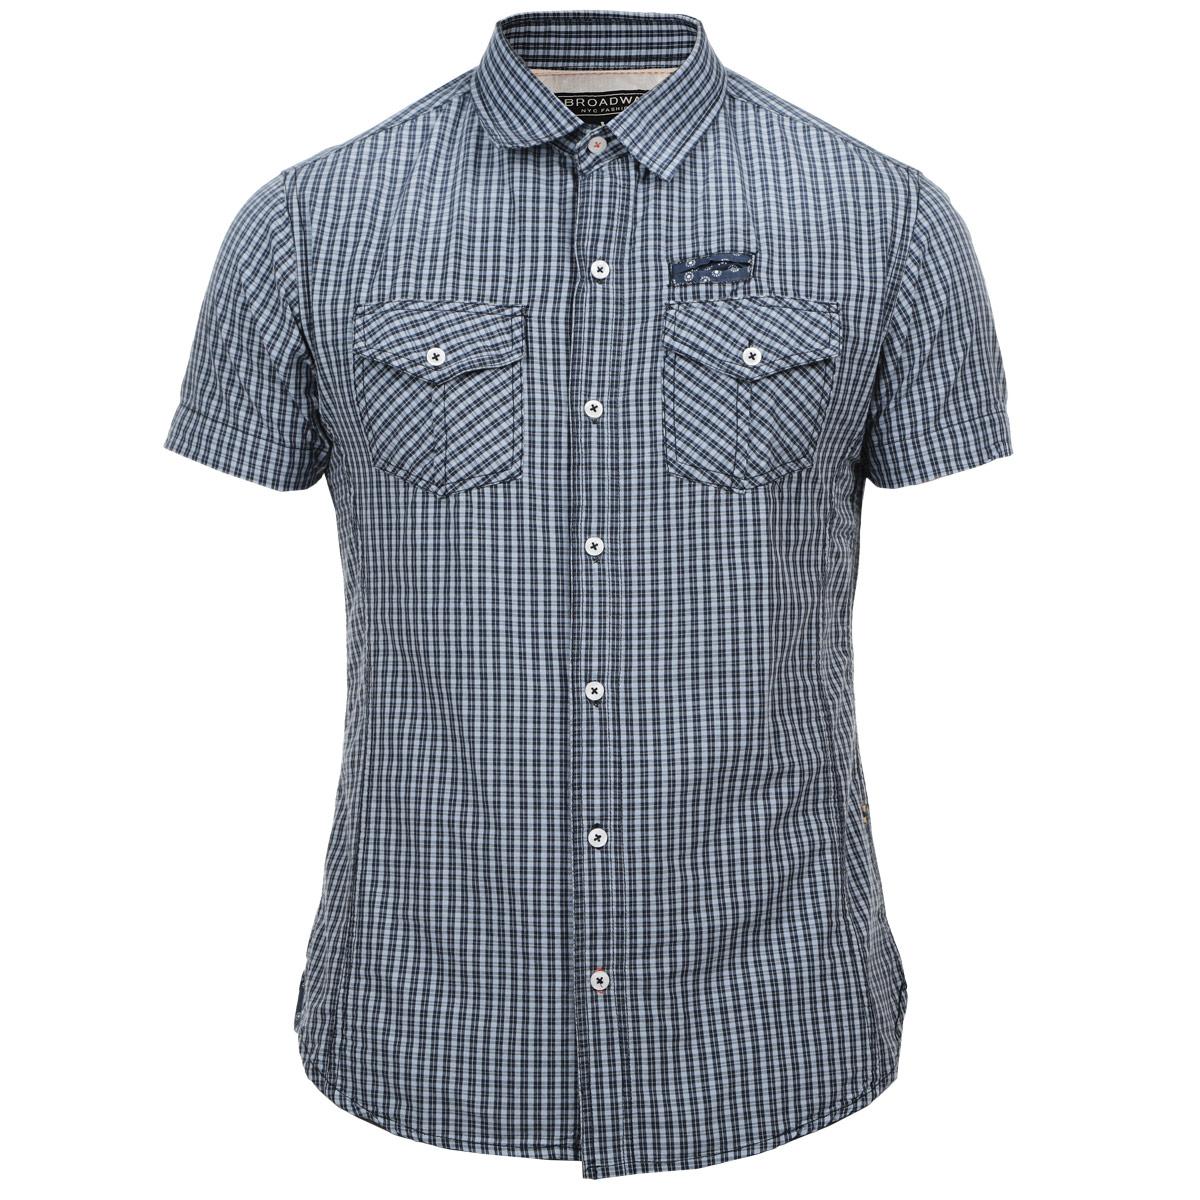 10152559 00GСтильная мужская рубашка Broadway, изготовленная из высококачественного материала, необычайно мягкая и приятная на ощупь, не сковывает движения и позволяет коже дышать, обеспечивая наибольший комфорт. Модная рубашка прямого кроя с короткими рукавами, отложным воротником и полукруглым низом. Застегивается изделие на пуговицы. На груди рубашка дополнена двумя накладными карманами, закрывающимися клапанами на пуговицах, и небольшим прорезным кармашком. Эта рубашка идеальный вариант для повседневного гардероба. Такая модель порадует настоящих ценителей комфорта и практичности!